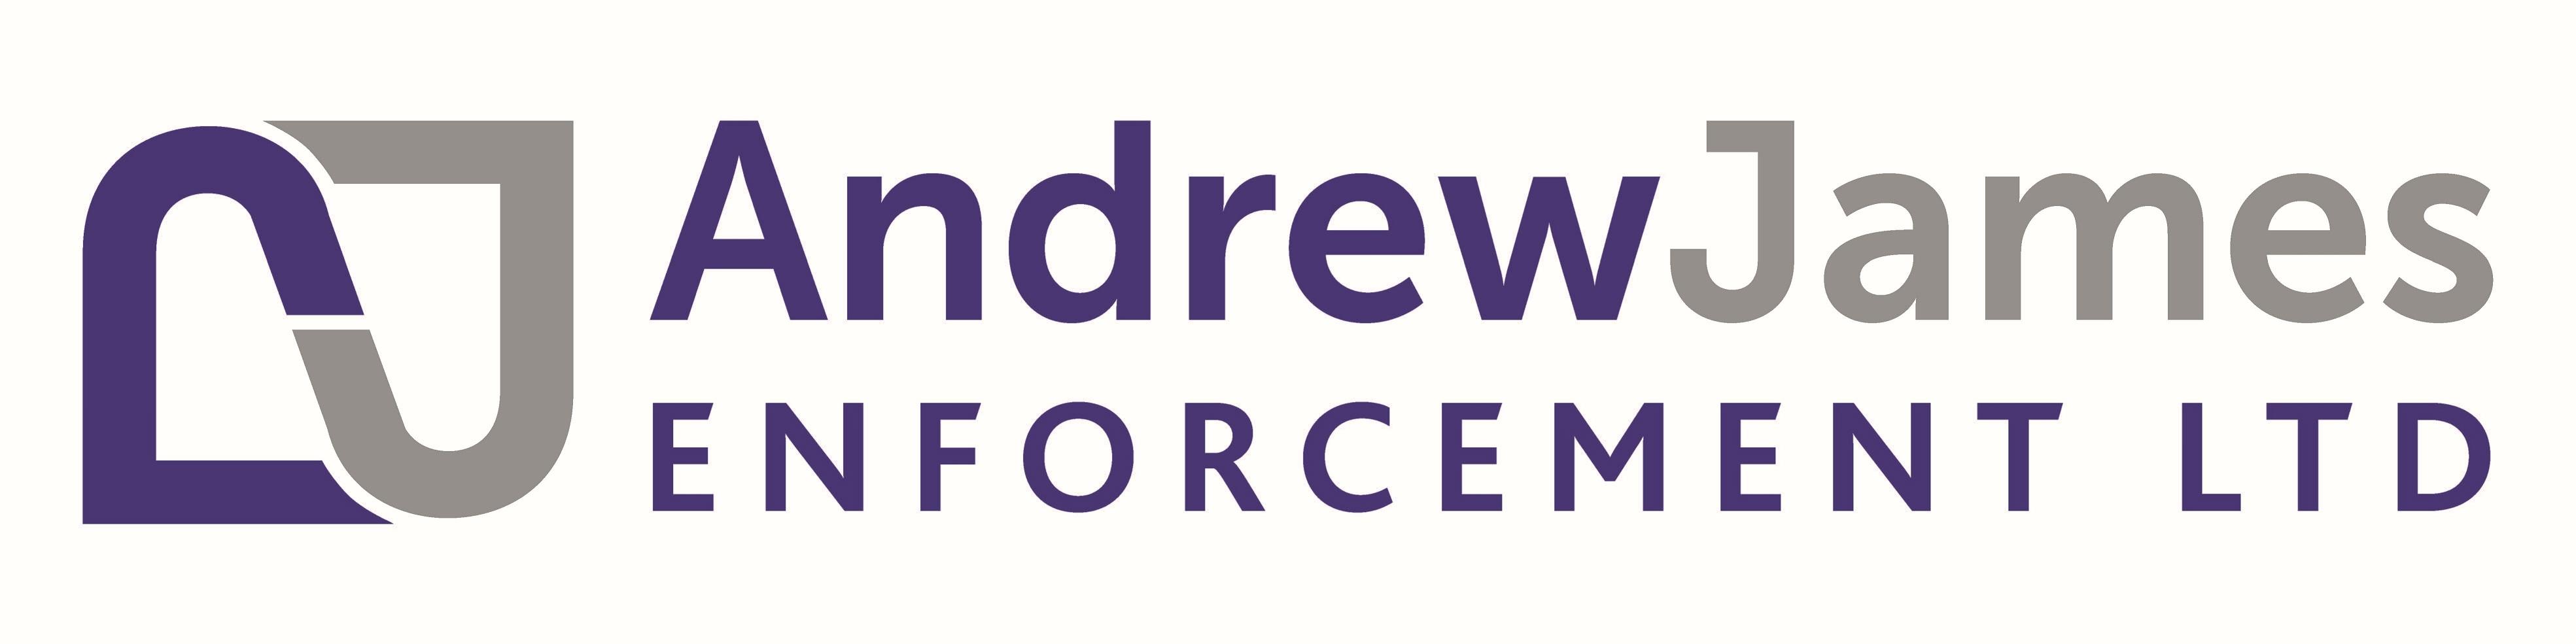 Andrew James Enforcement Ltd